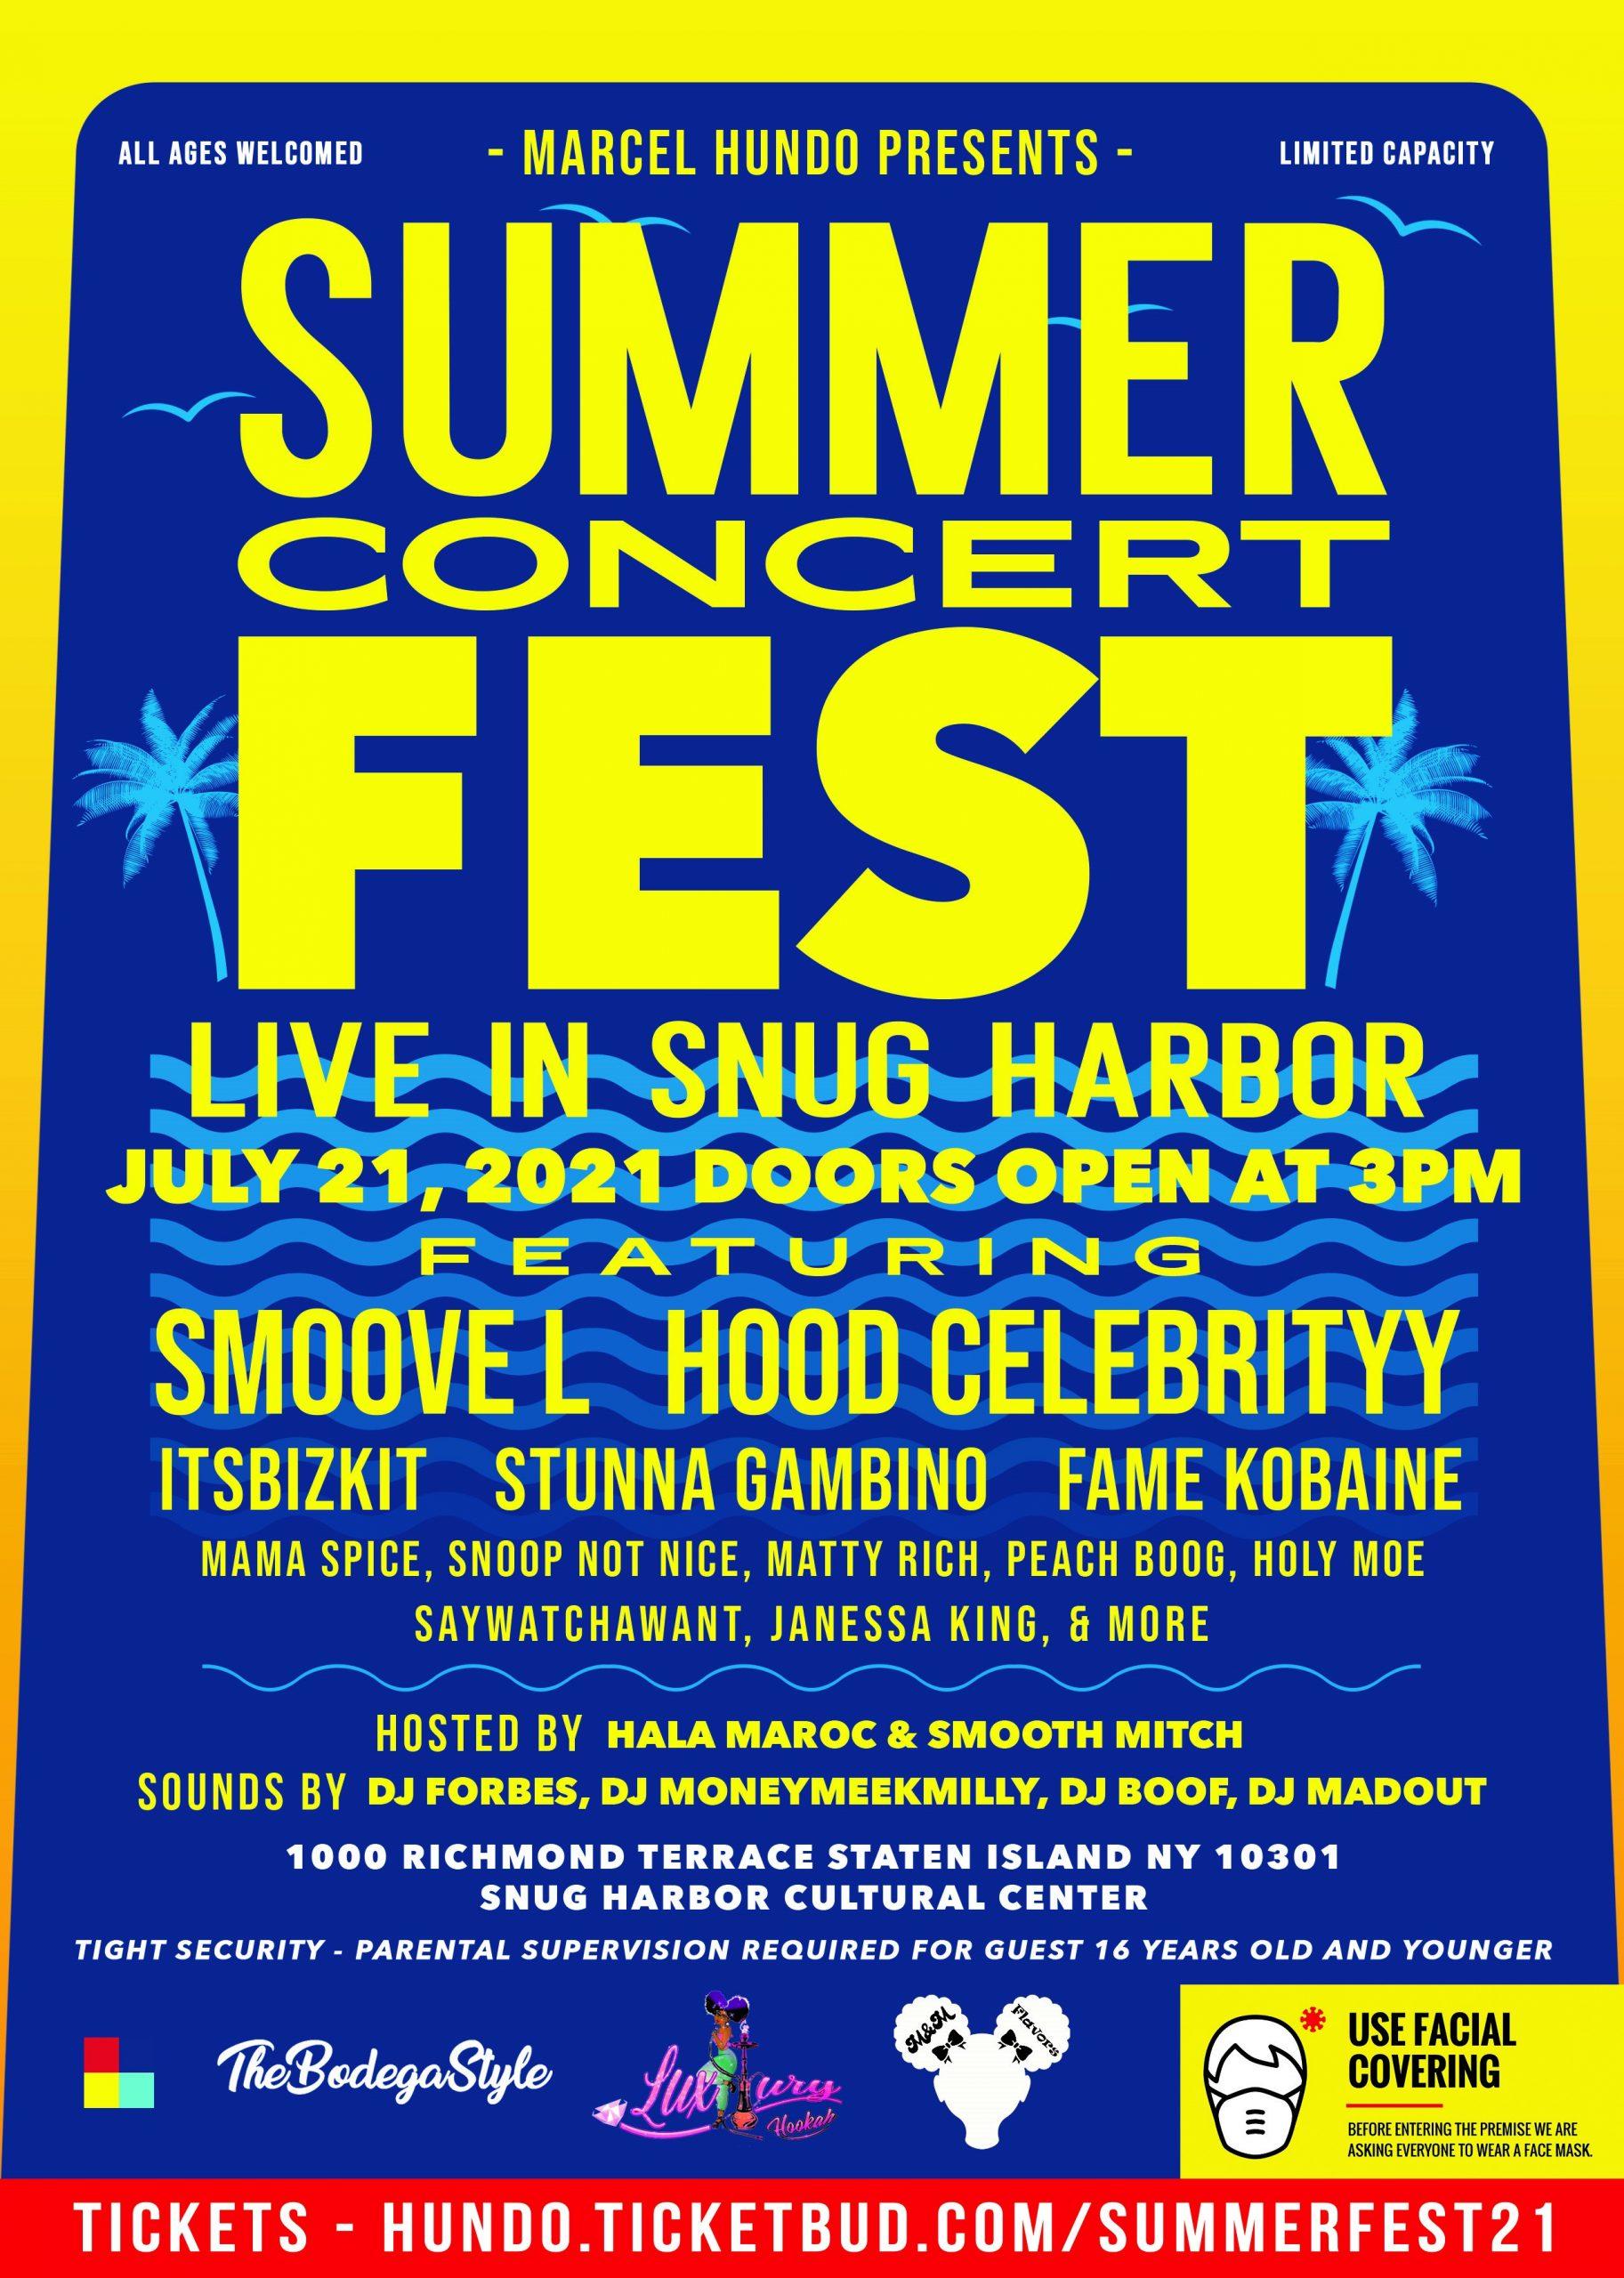 CANCELLED: Marcel Hundo presents: Summer Concert Fest: Live in Snug Harbor